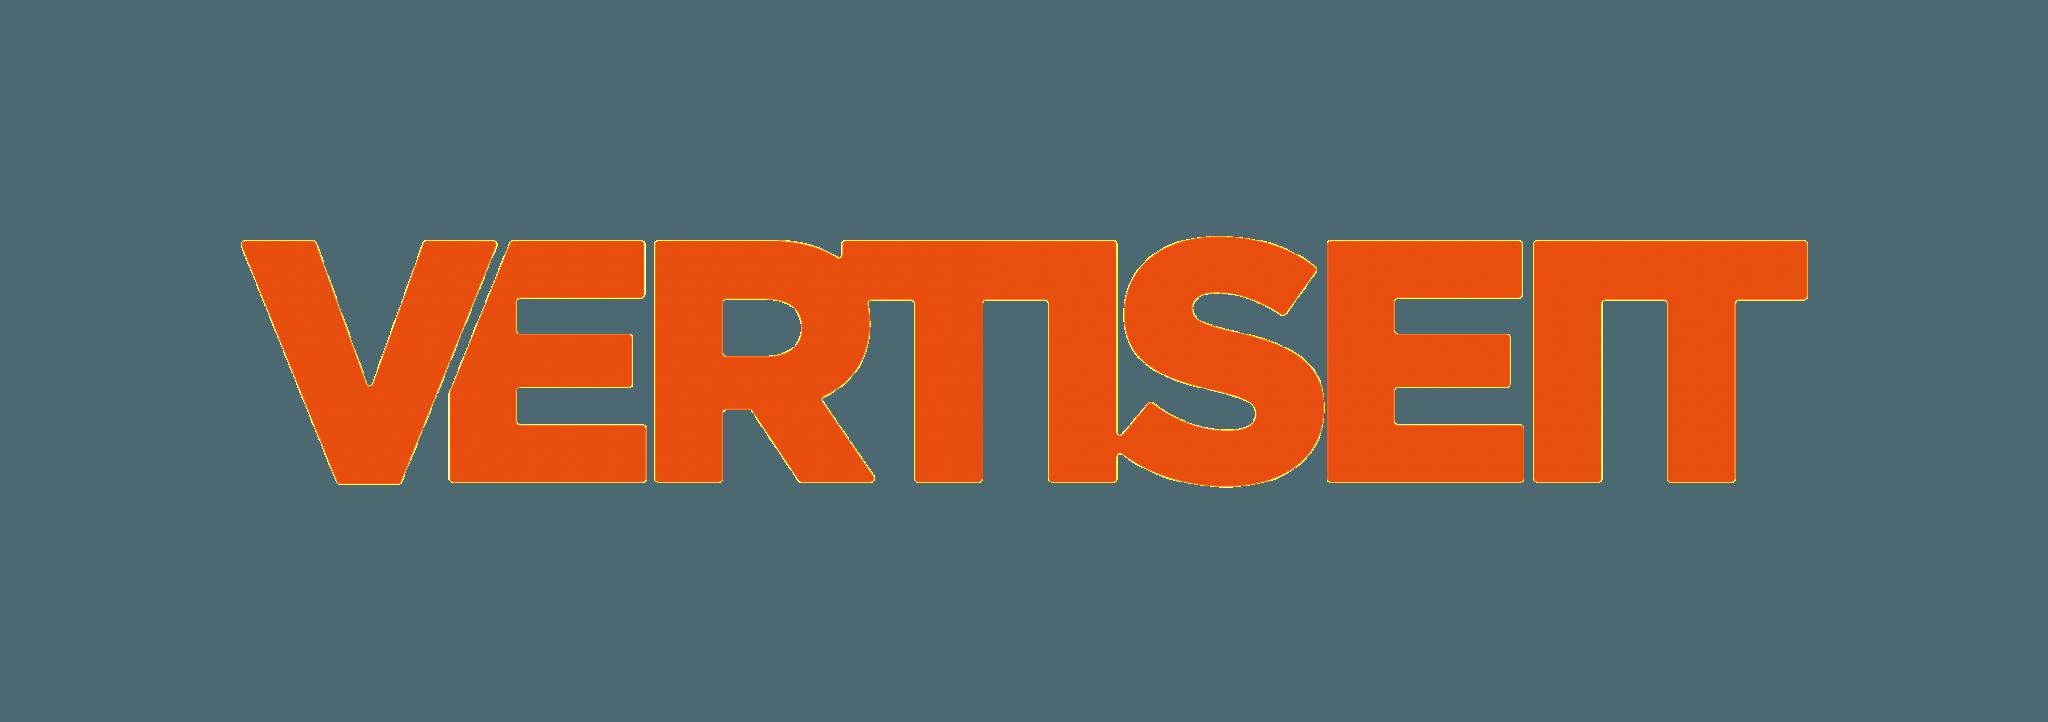 Vertiseit-logo-2014-orange